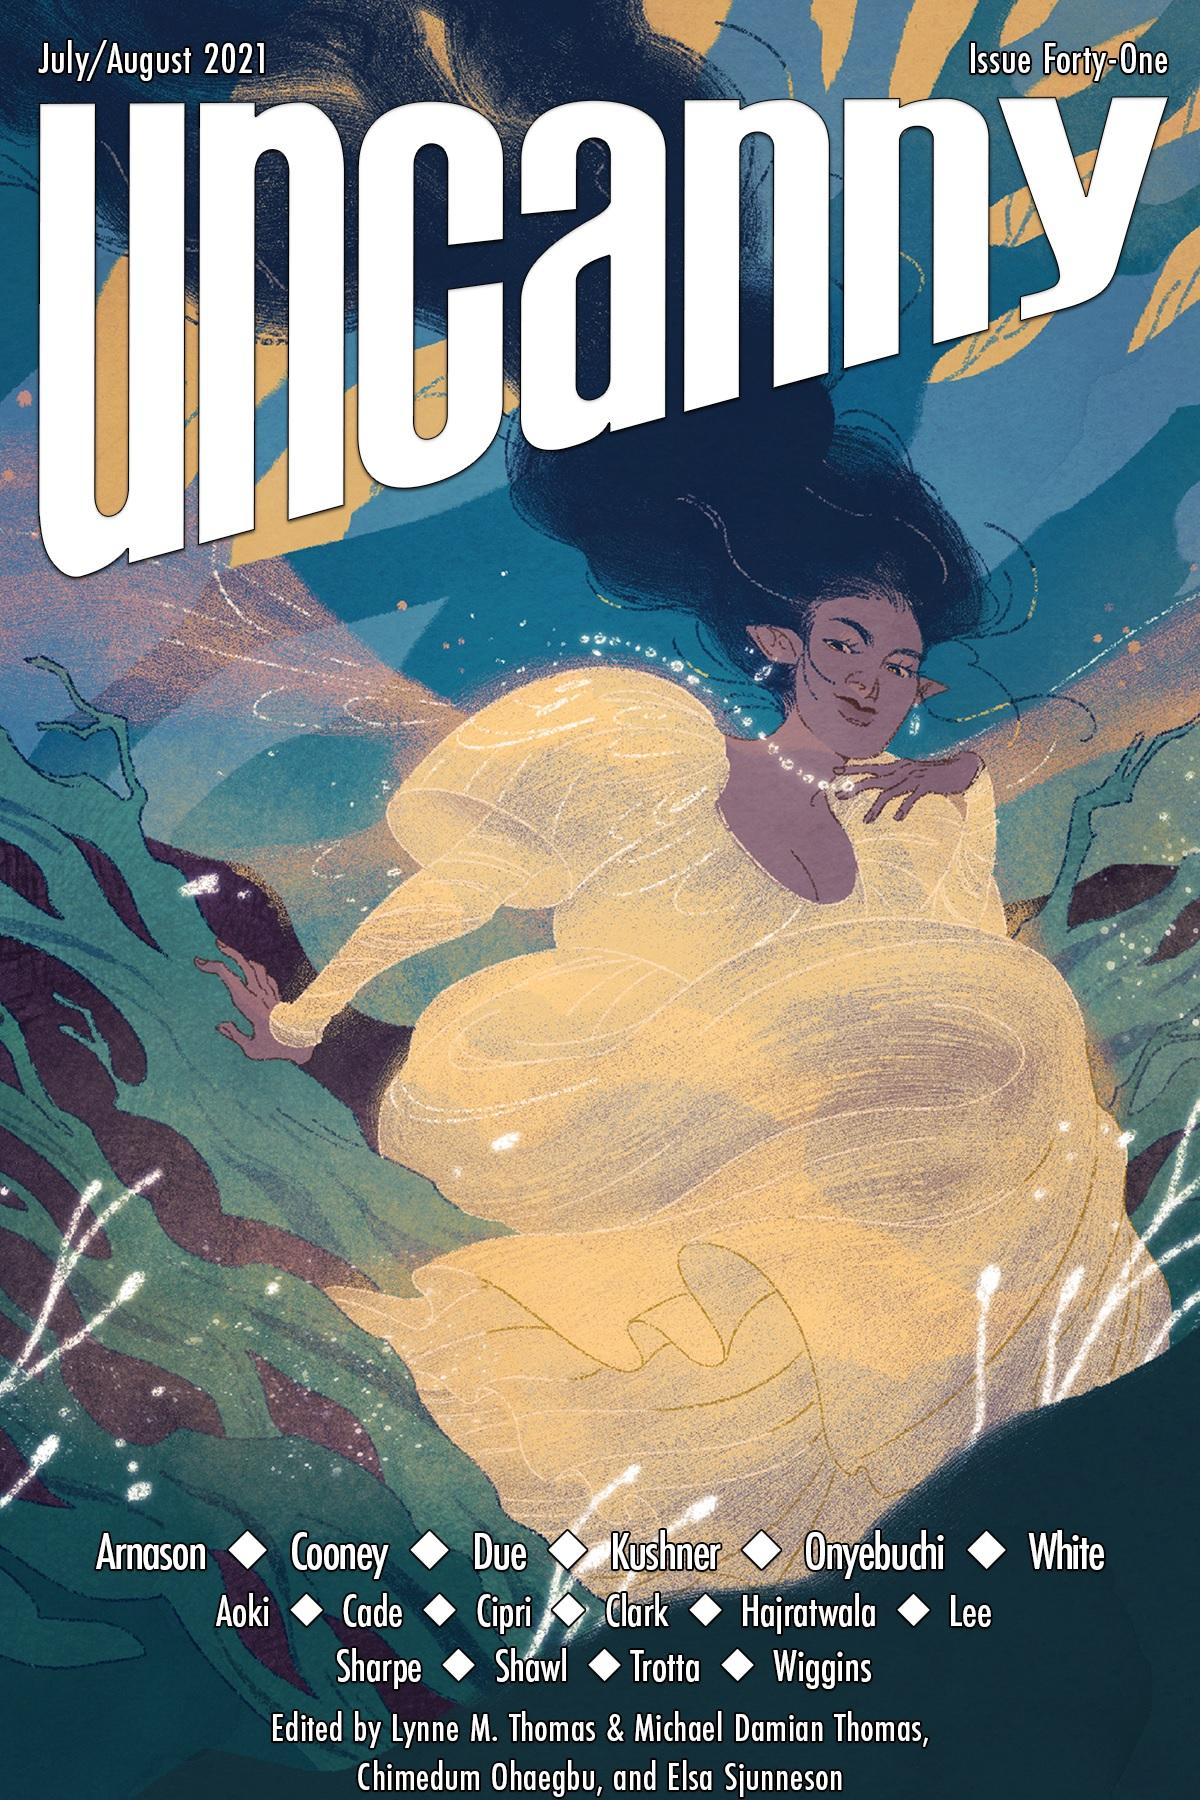 Uncanny Magazine Issue 41: July/August 2021 by Chimedum Ohaegbu, Elsa Sjunneson, Michael Damian Thomas, Lynne M. Thomas